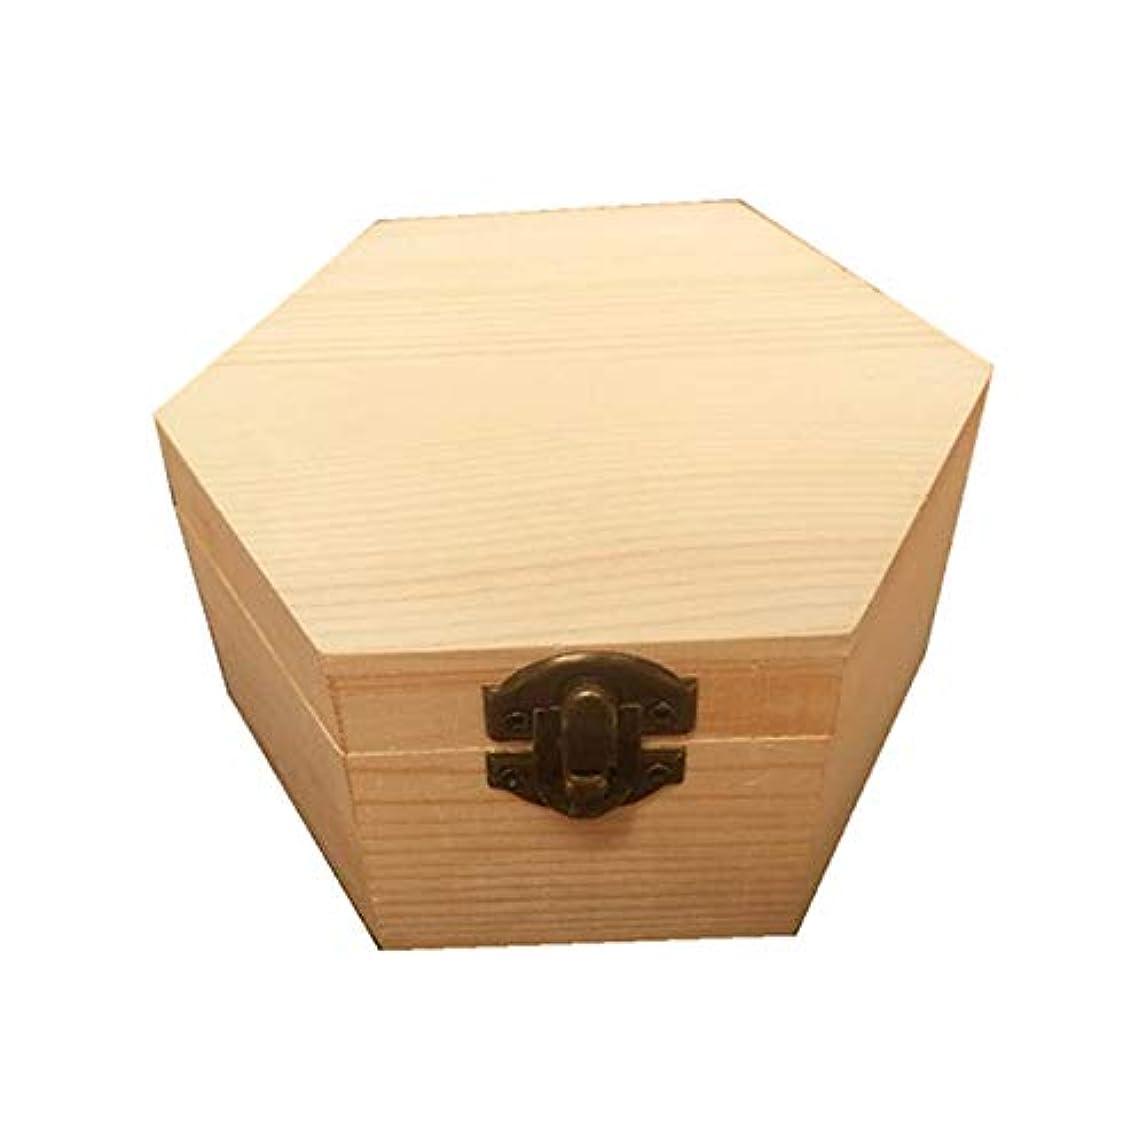 時間収束求人精油ケース 手作りの木製ギフトボックスパーフェクトエッセンシャルオイルケースにエッセンシャルオイル 携帯便利 (色 : Natural, サイズ : 13X11.3X6.8CM)